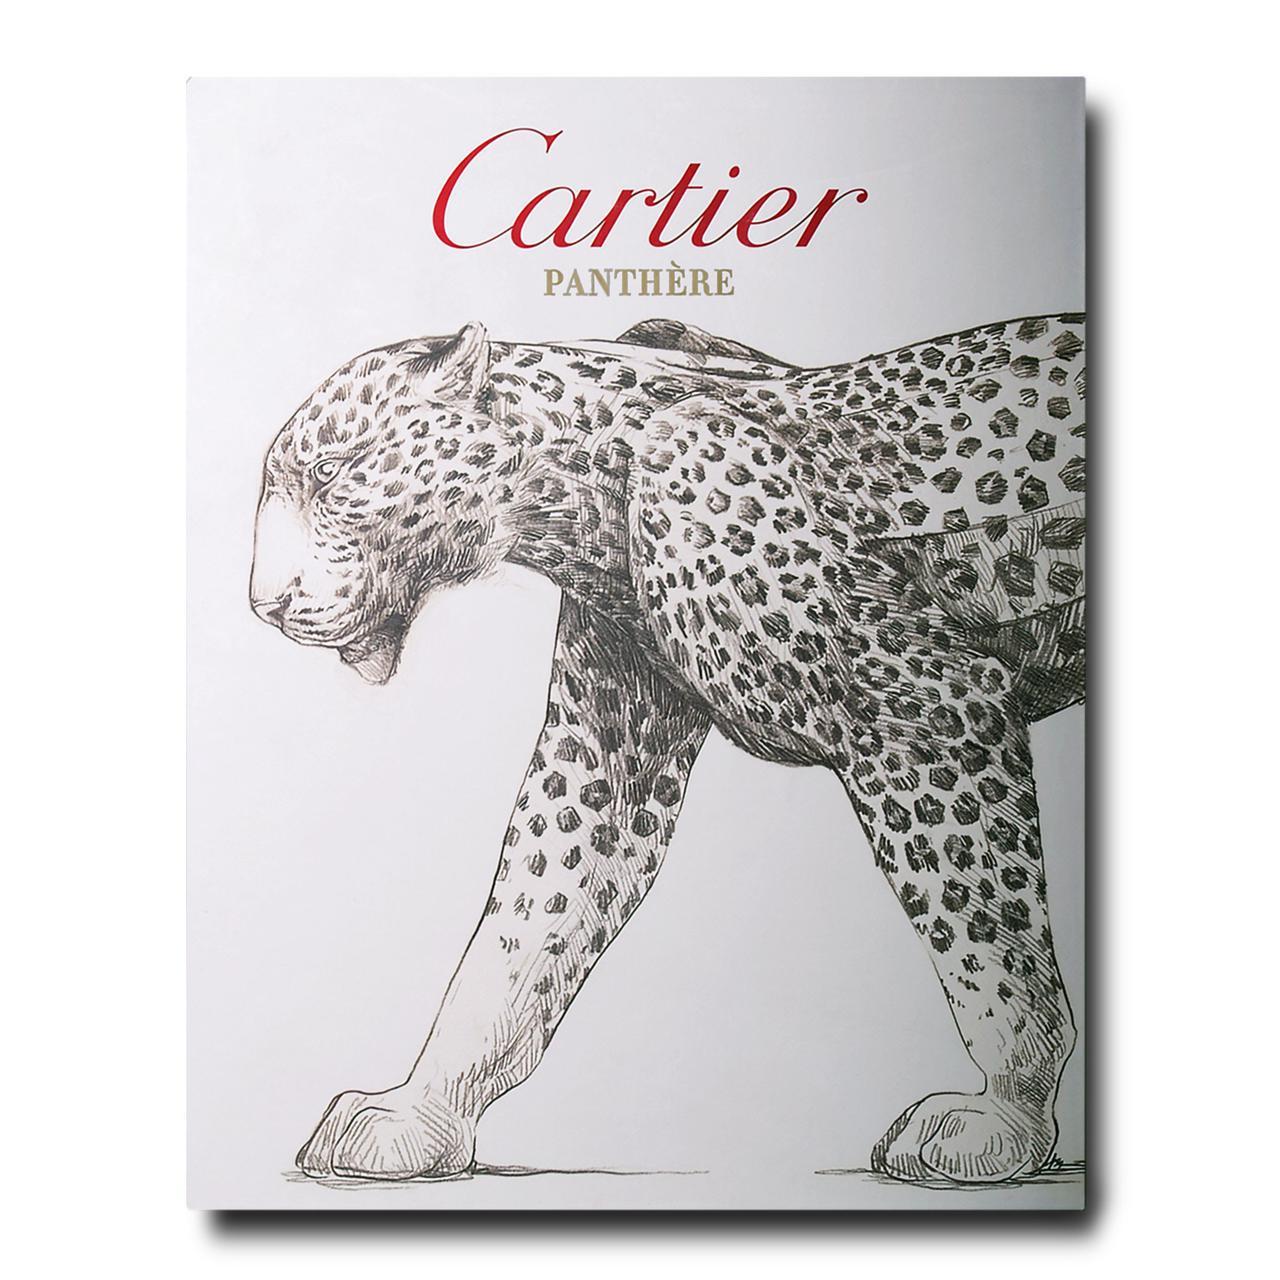 Cartier Panthère.jpg